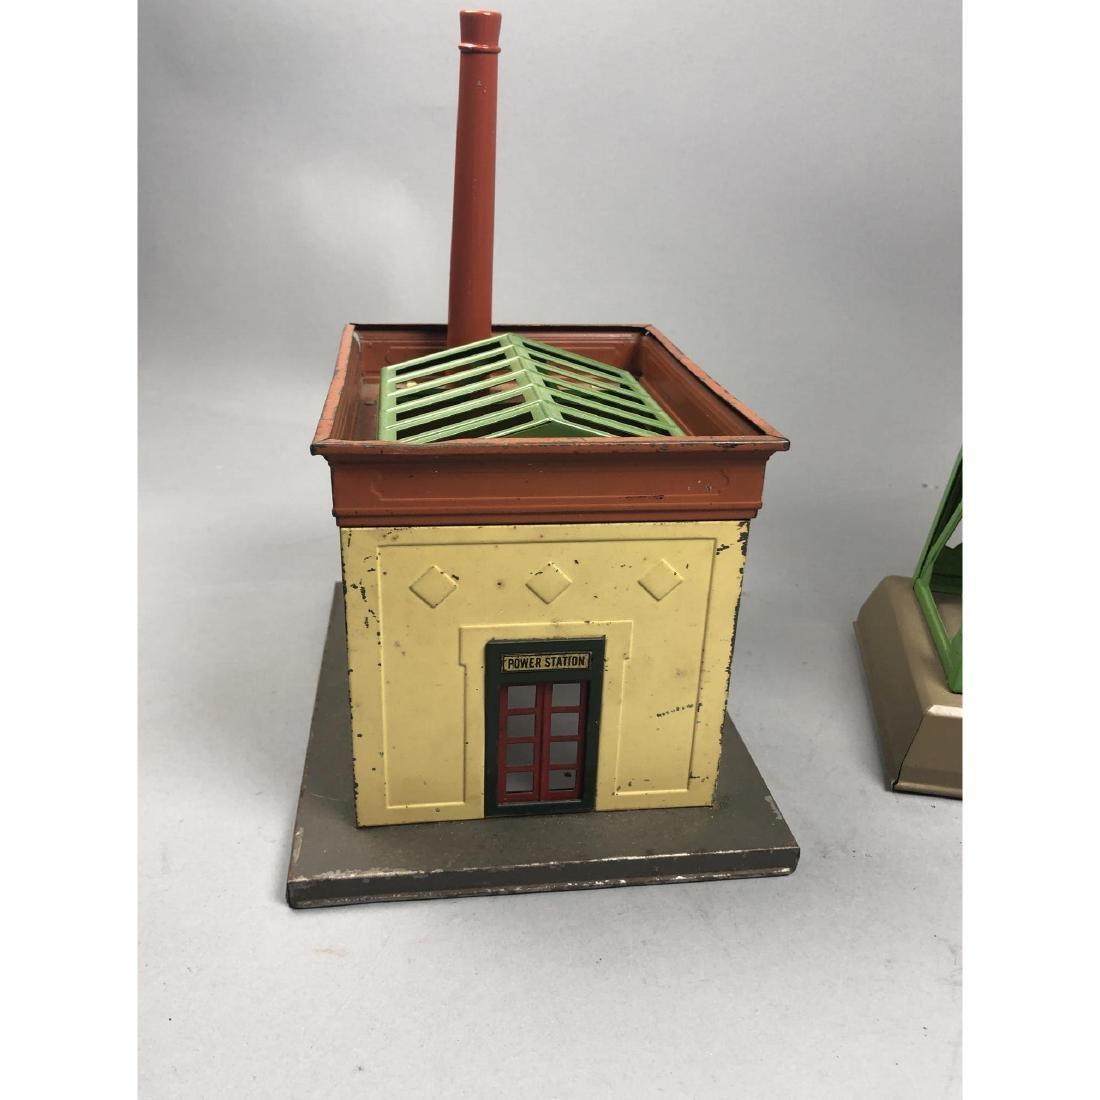 3pc LIONEL Model Train Buildings. 1 power station - 4